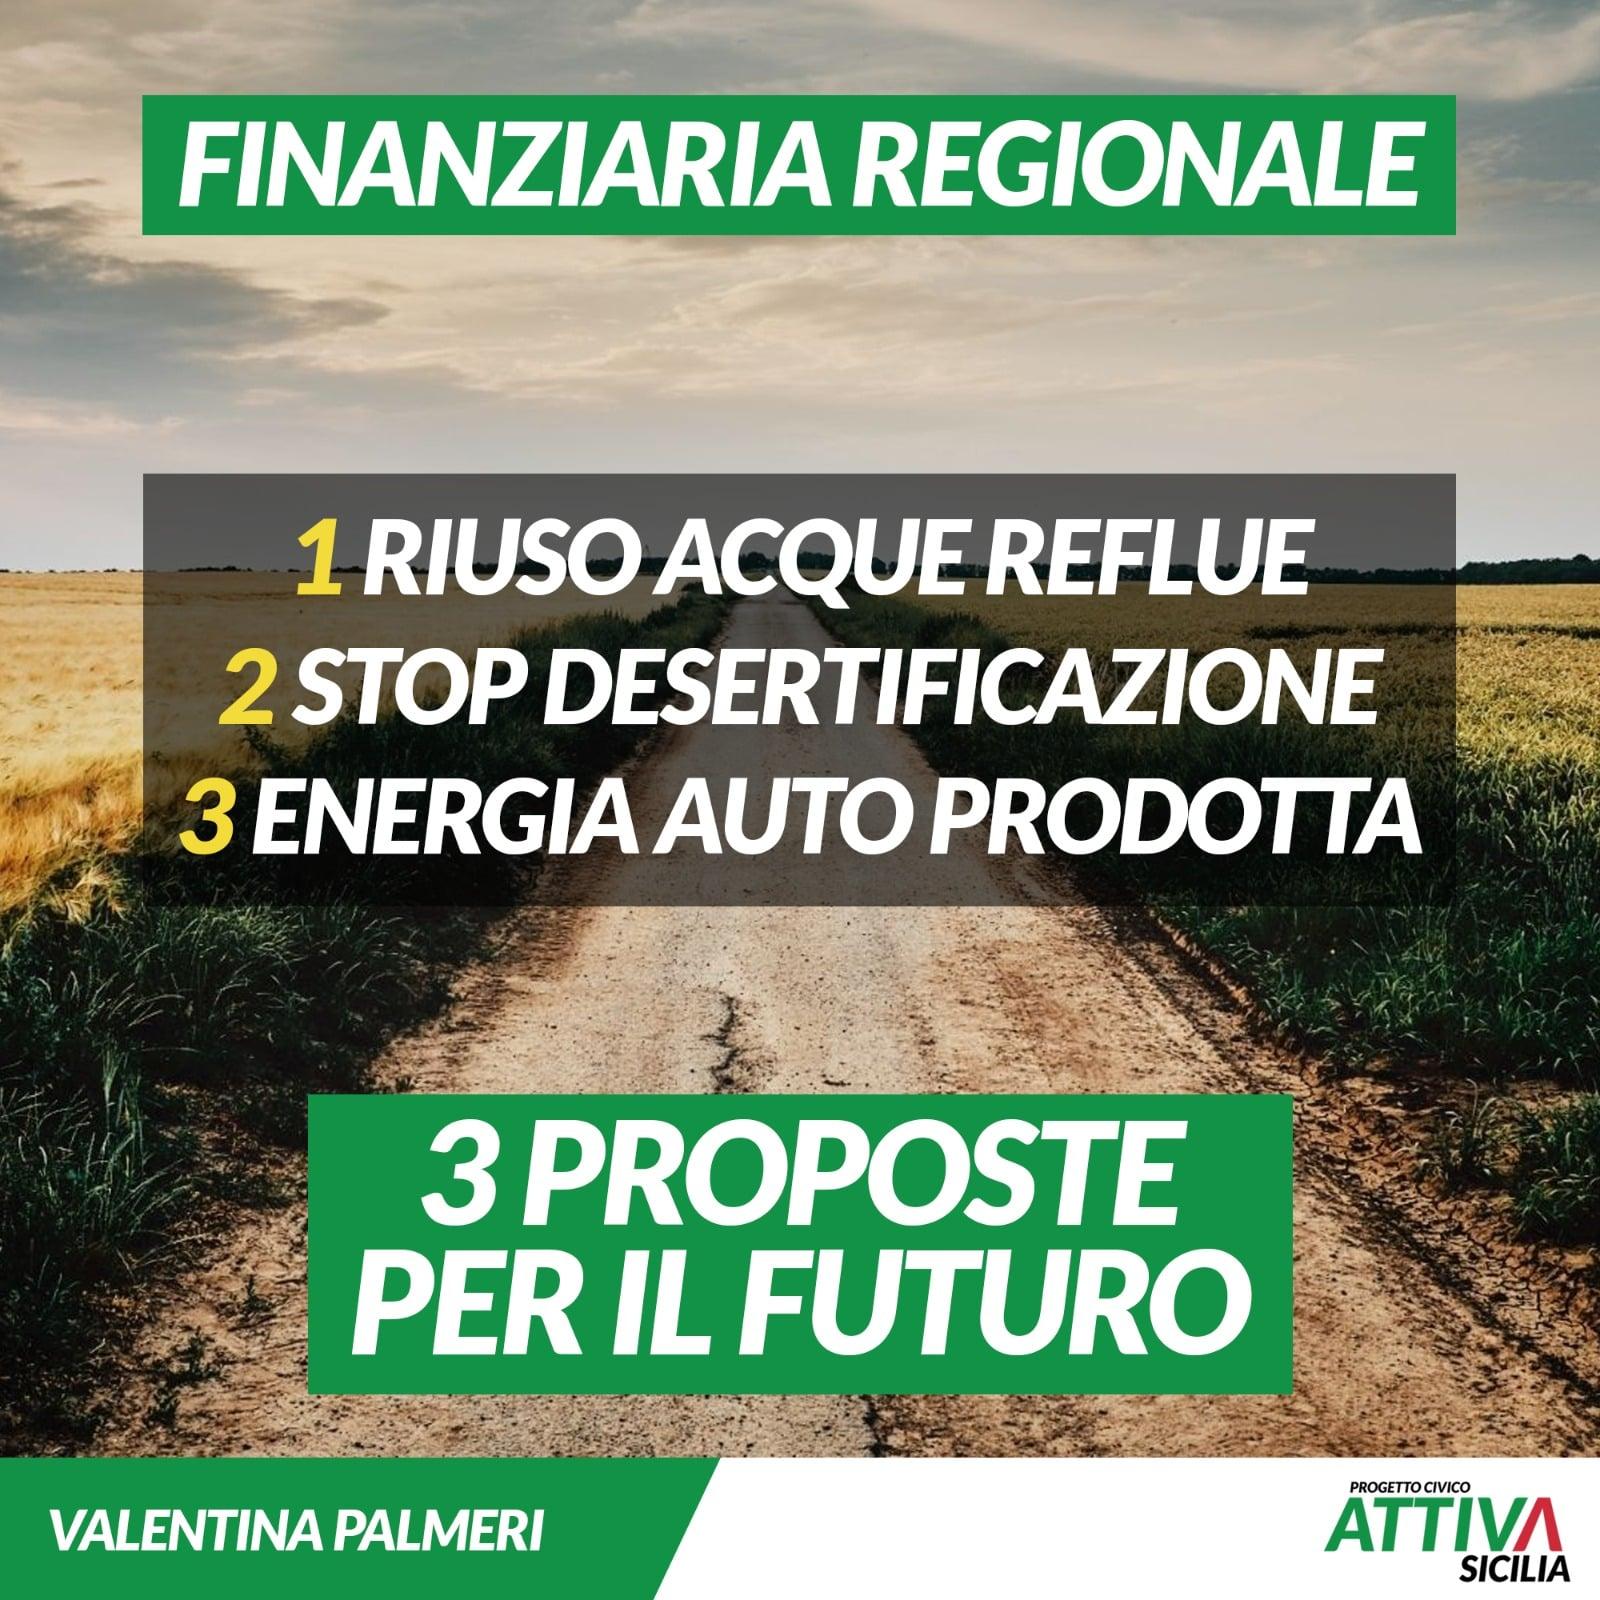 Finanziaria Regionale: Tre proposte per il futuro